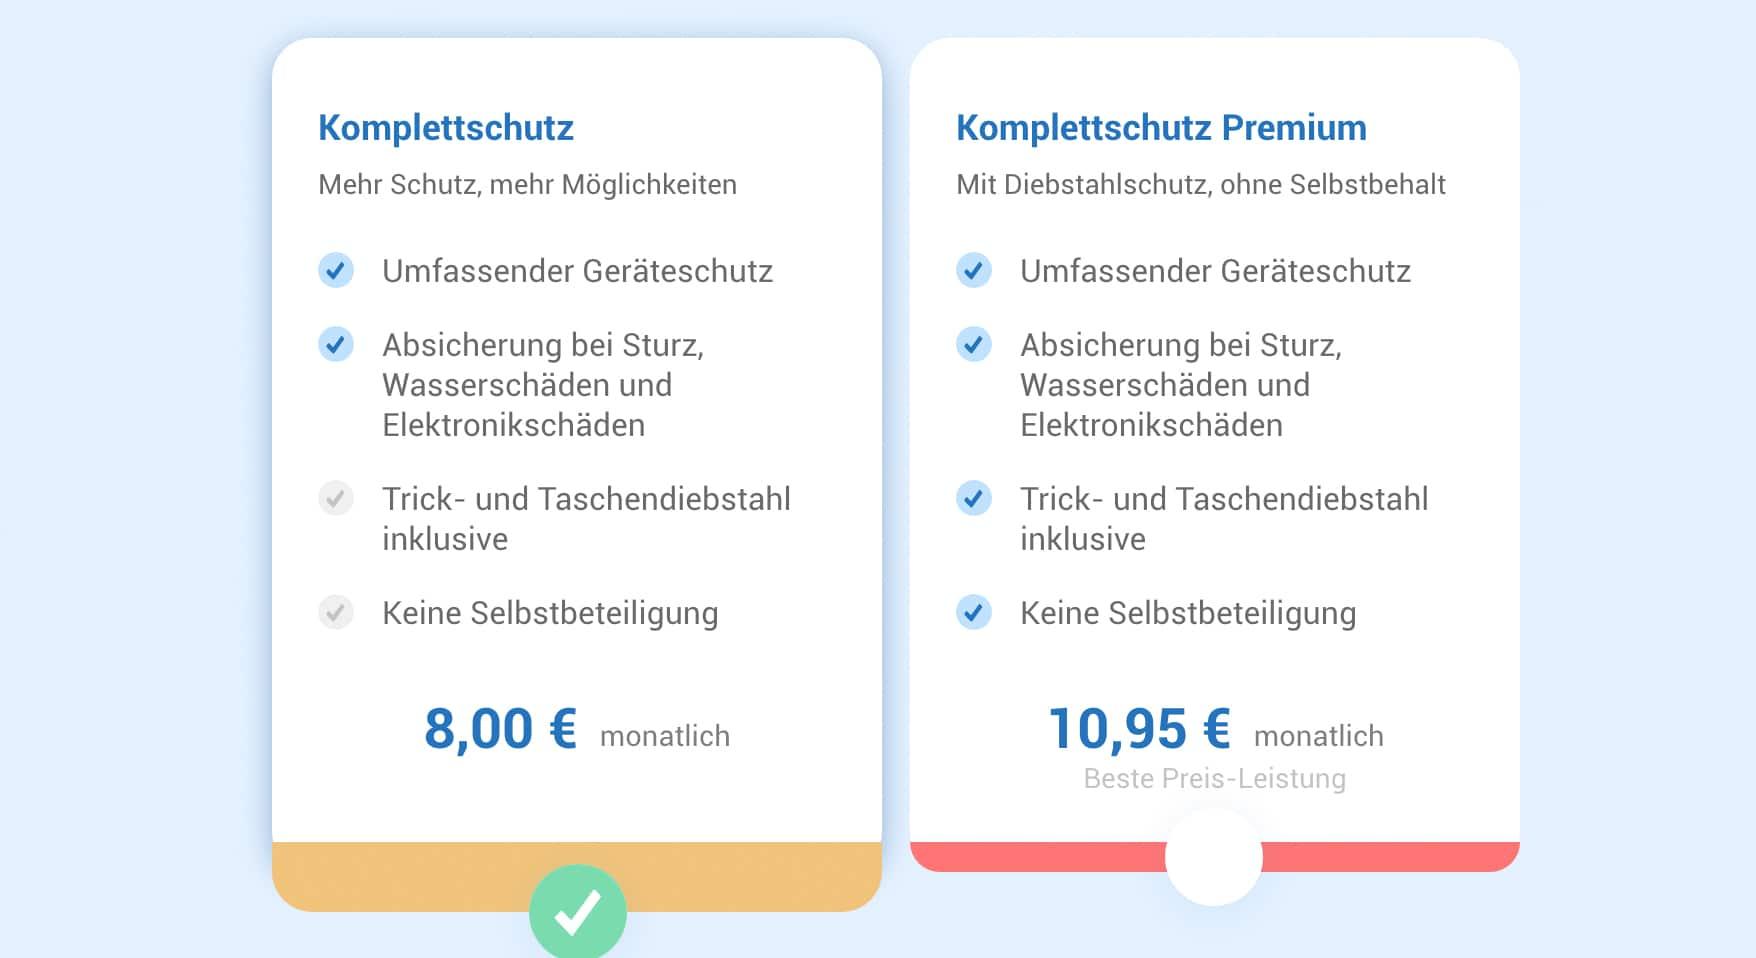 Wertgarantie AT Komplettschutz & Komplettschutz Premium